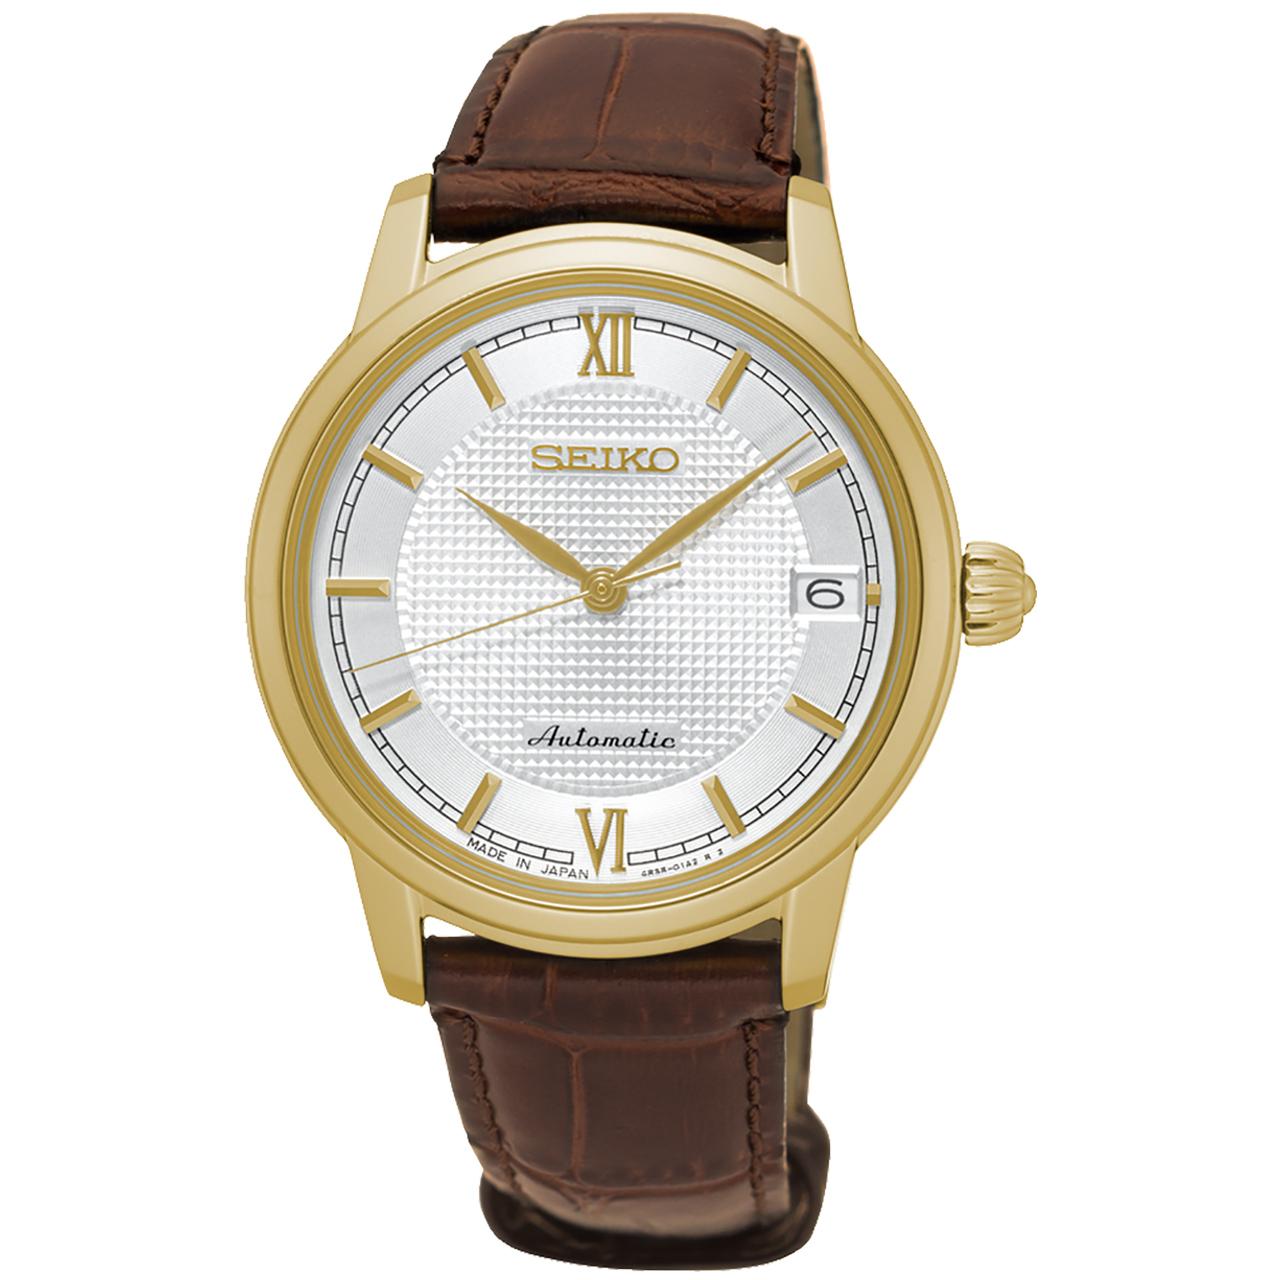 خرید ساعت مچی عقربه ای زنانه  سیکو مدل SRP860J1